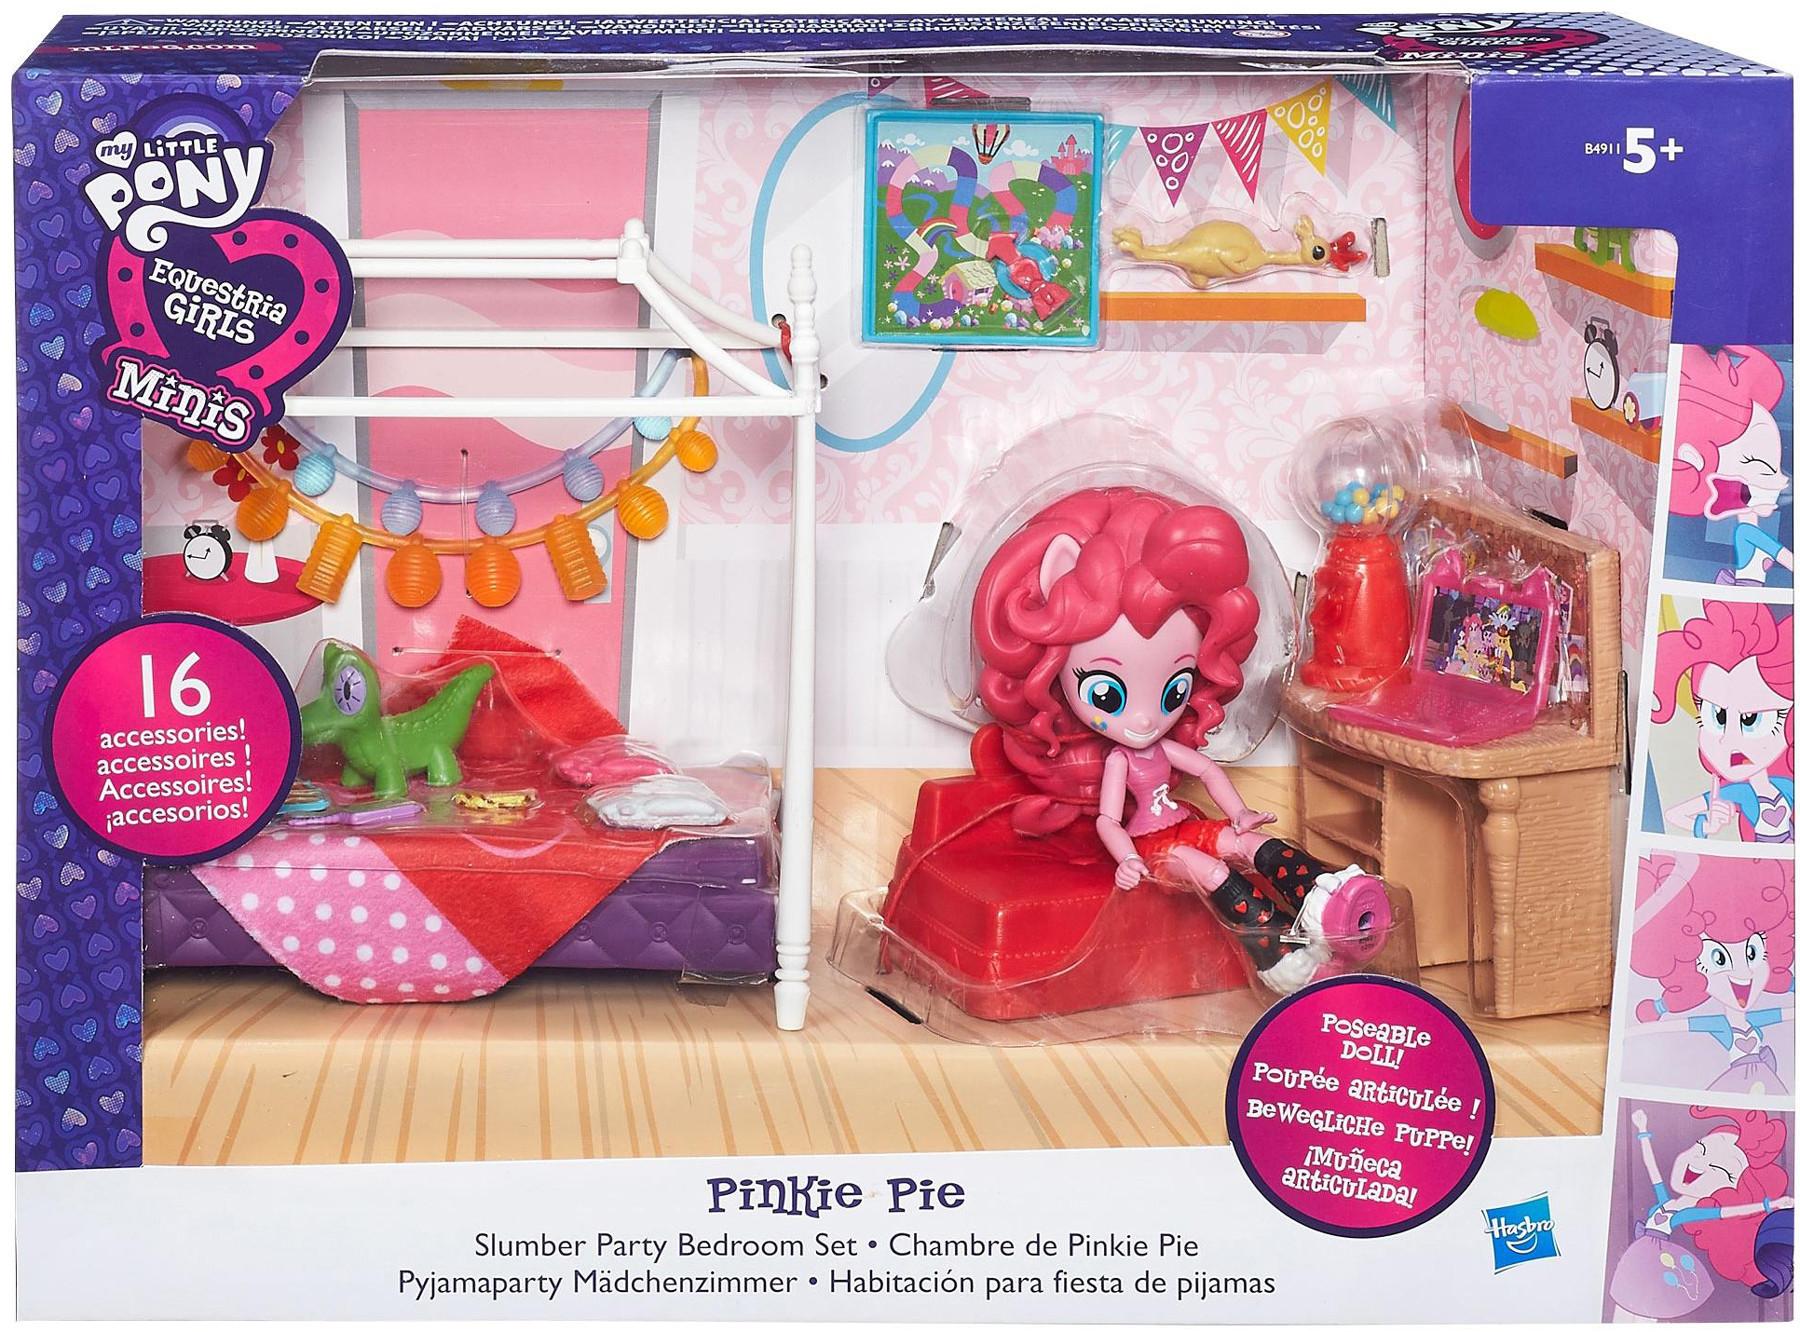 Игровой набор Hasbro Пижамная вечеринка hasbro my little pony b8824 equestria girls игровой набор кукол пижамная вечеринка в ассортименте